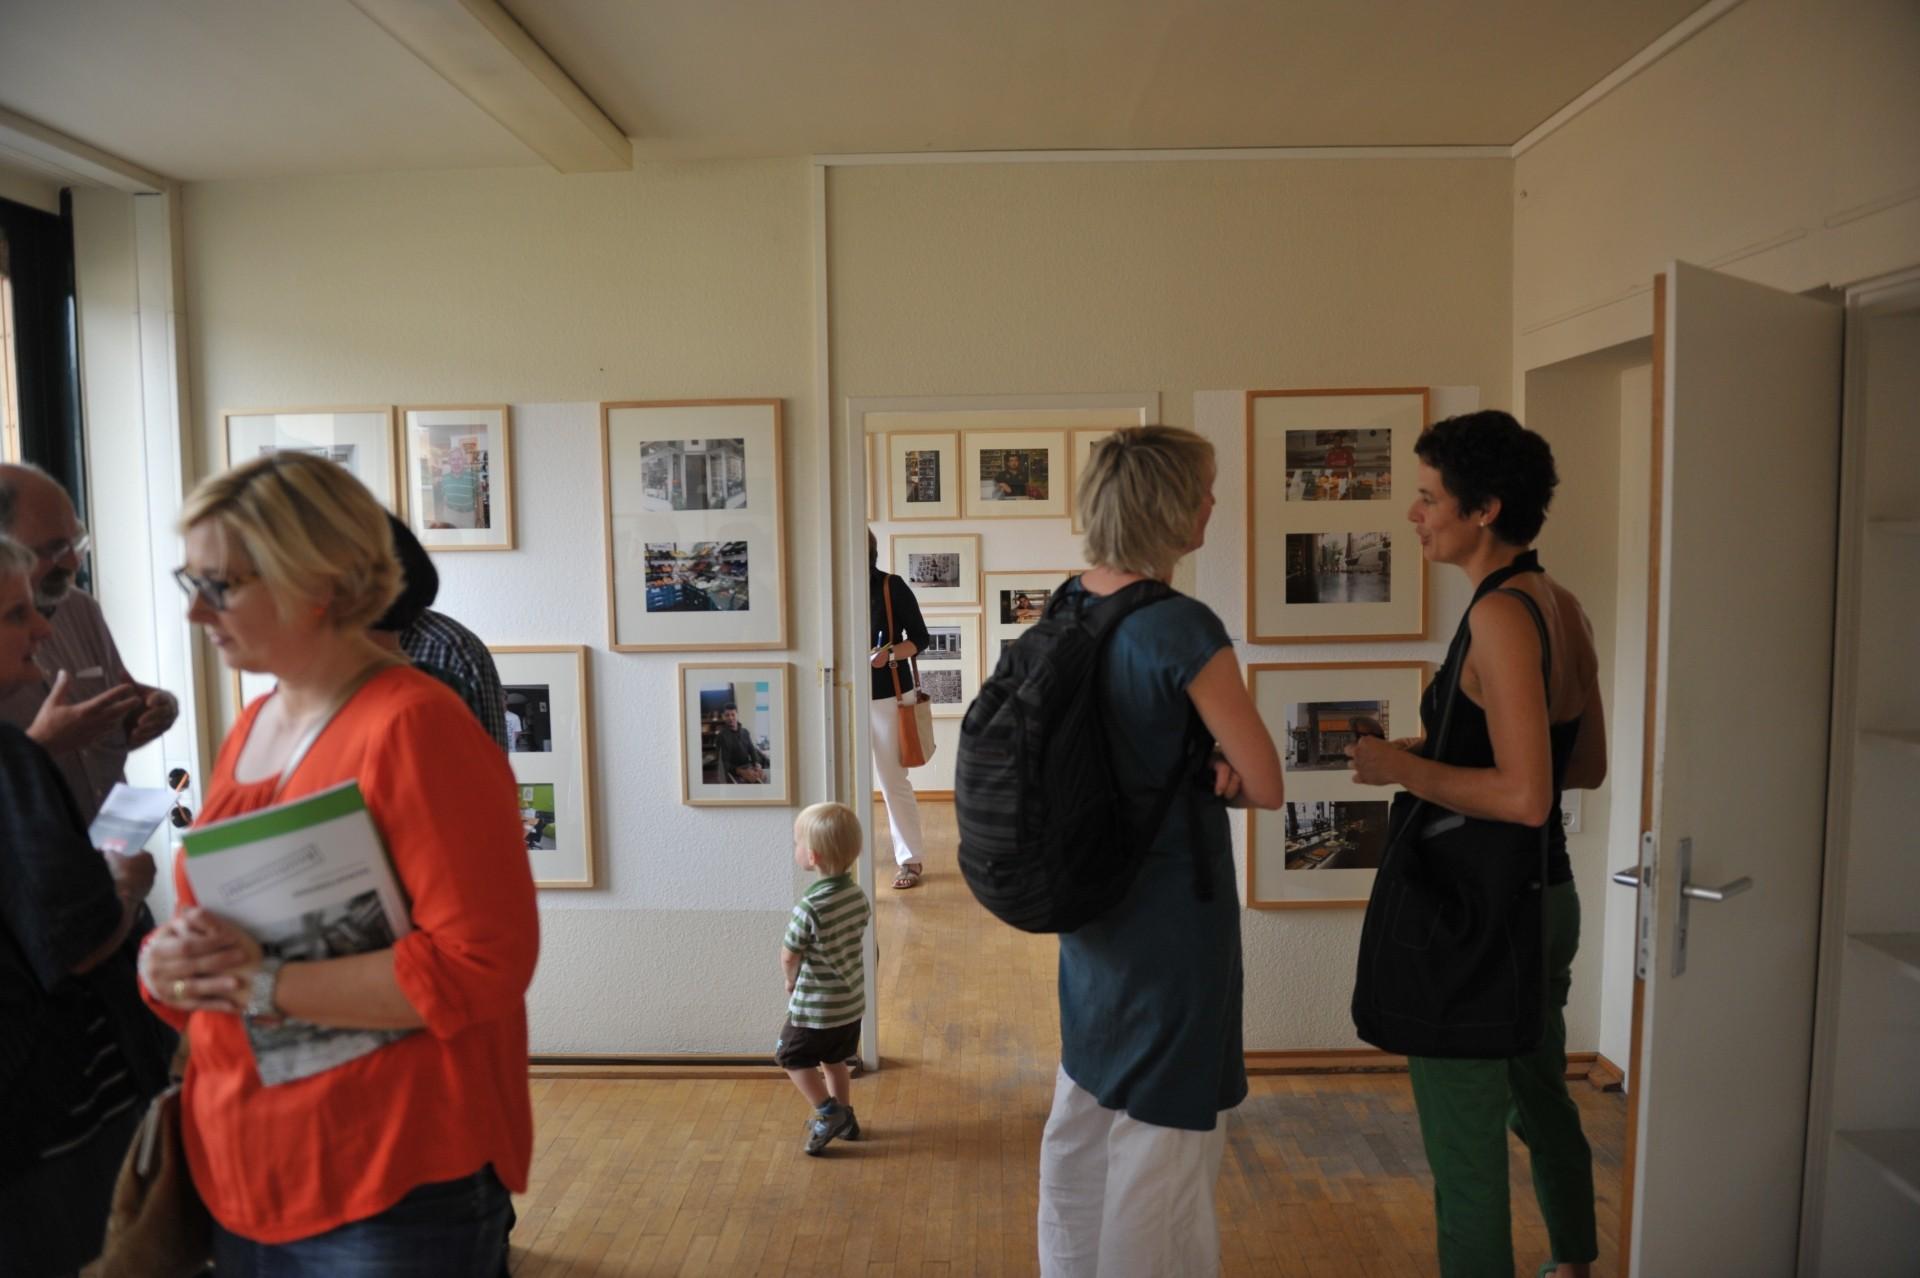 """Eröffnung der Samtweberei am 6. September 2014, Fotoausstellung """"Heimatladen"""", Foto: Eberhard Weible, Copyright: UNS/MUR"""